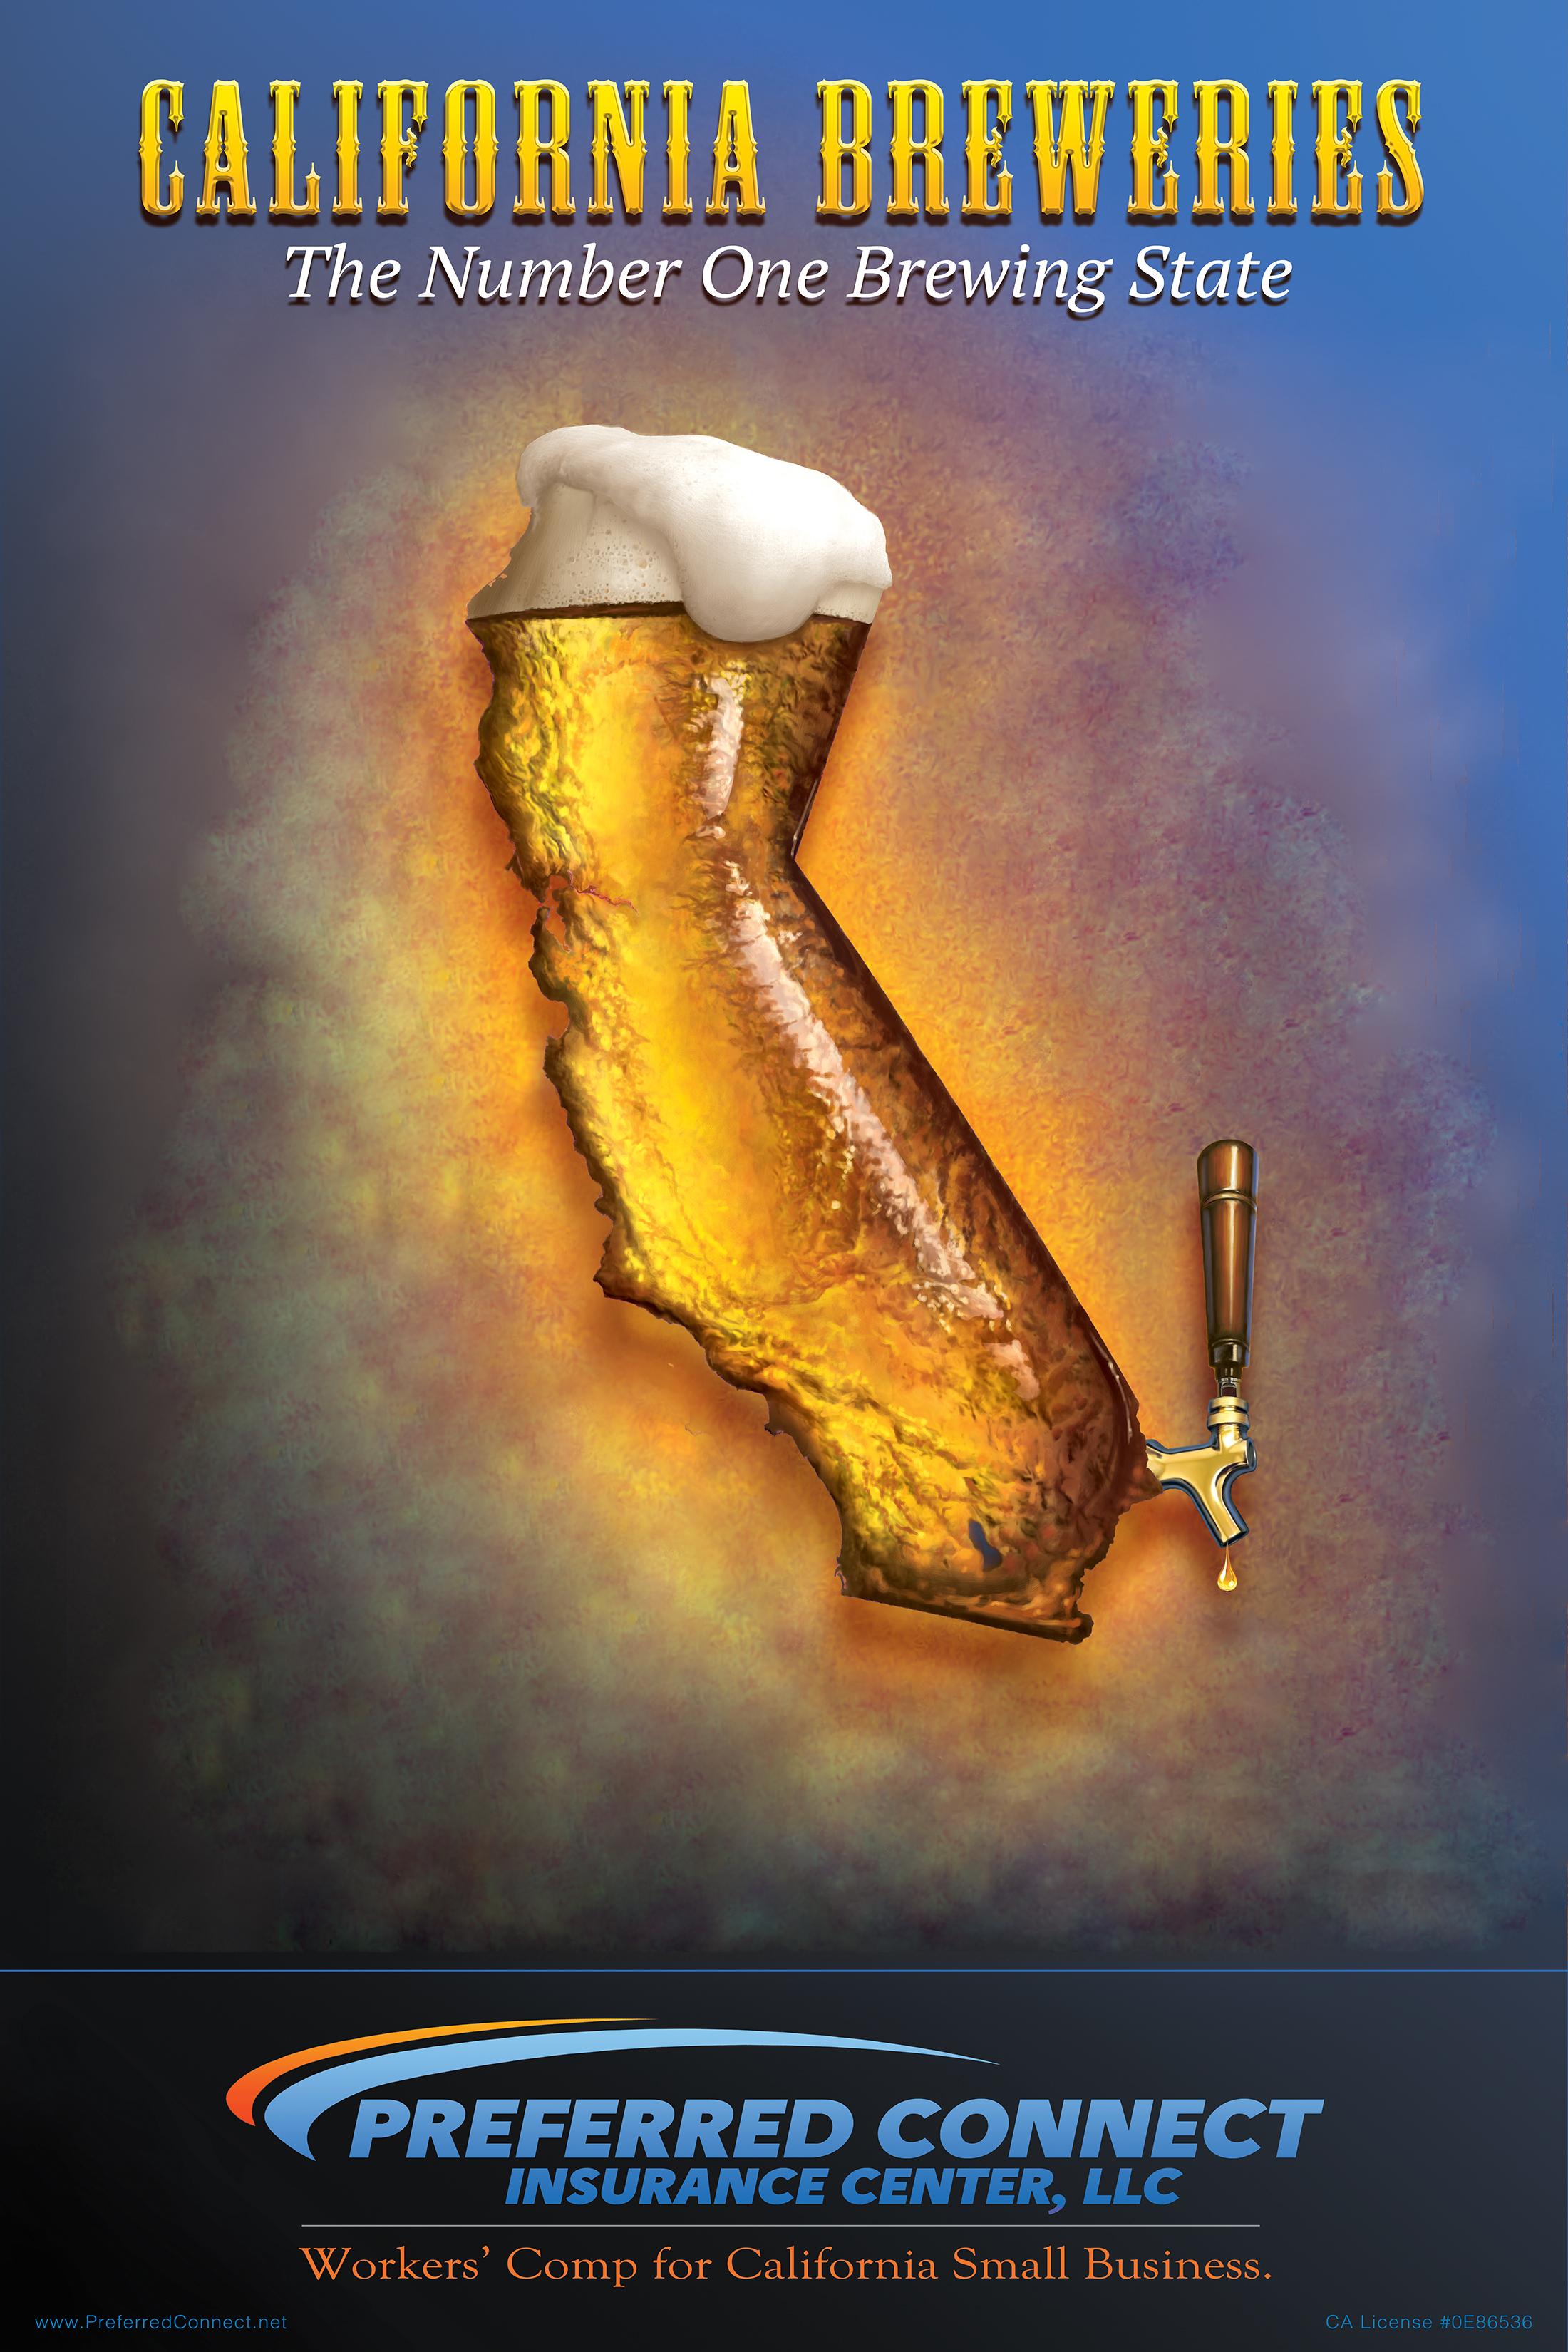 California Breweries Poster